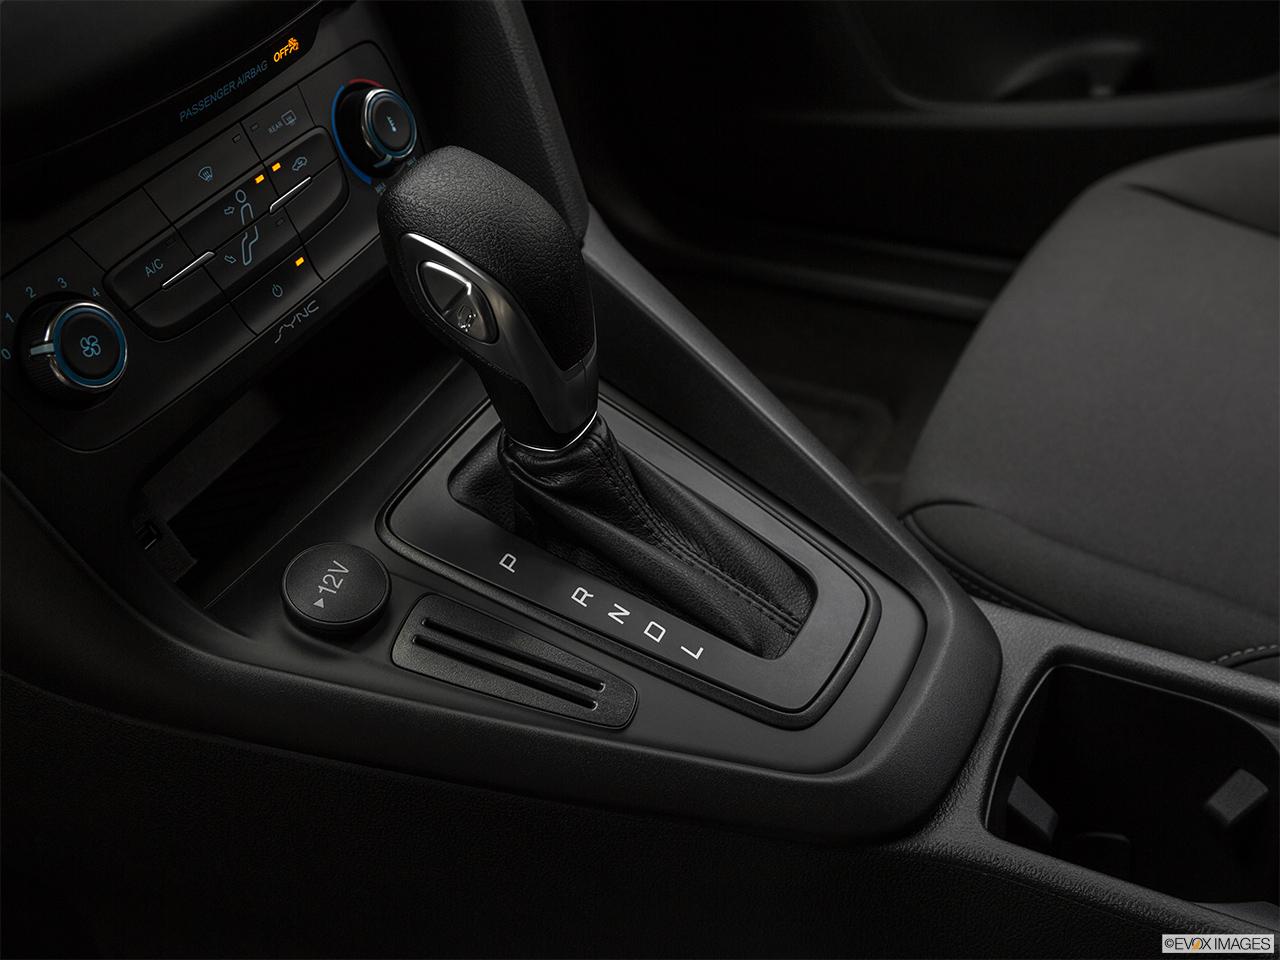 فورد فوكس 2018, السعودية, Gear shifter/center console.